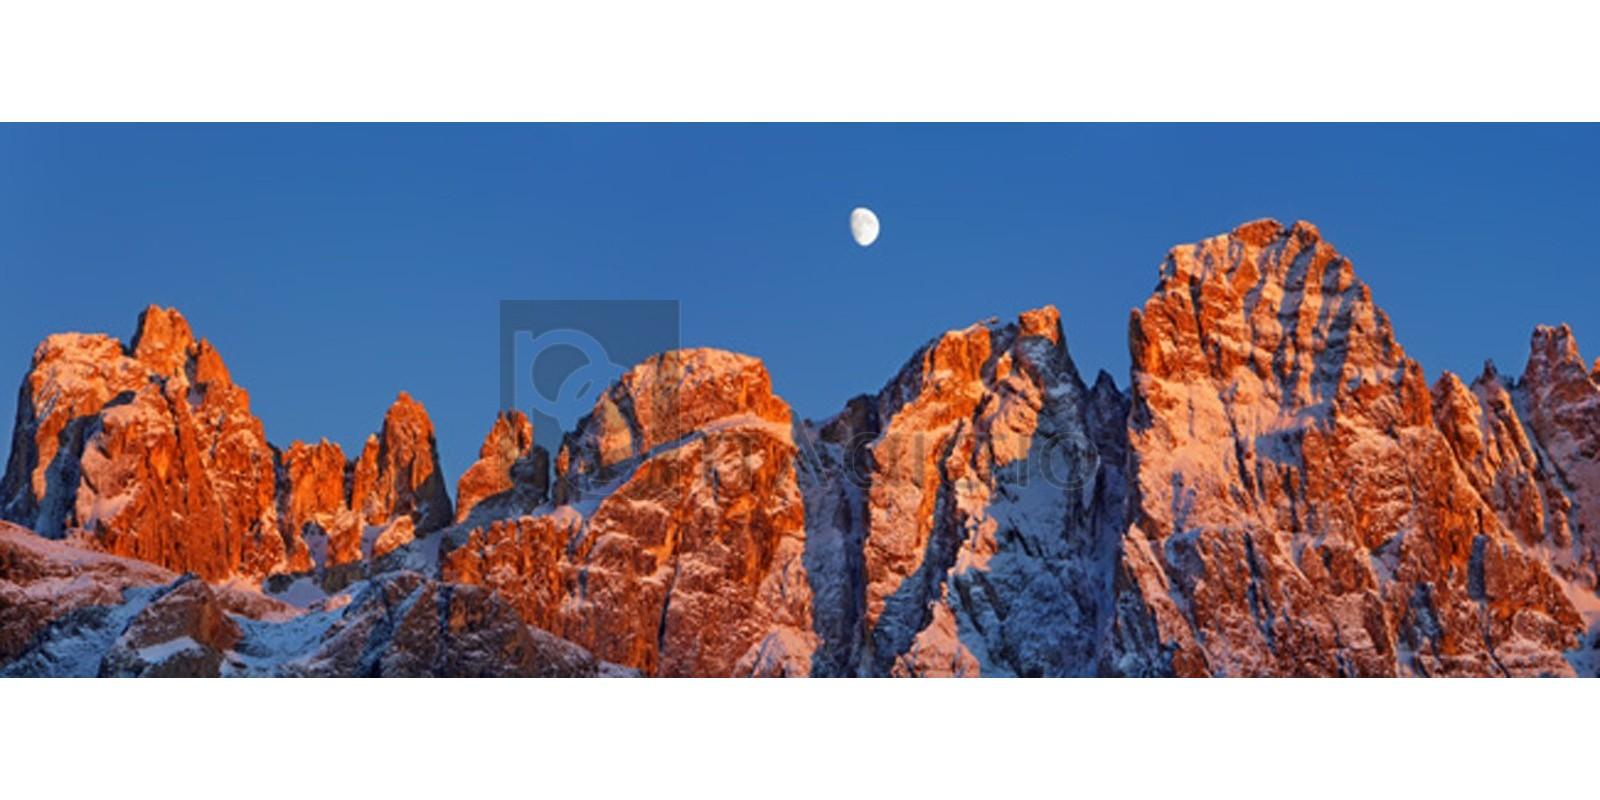 Frank Krahmer - Pale di San Martino and moon, Italy